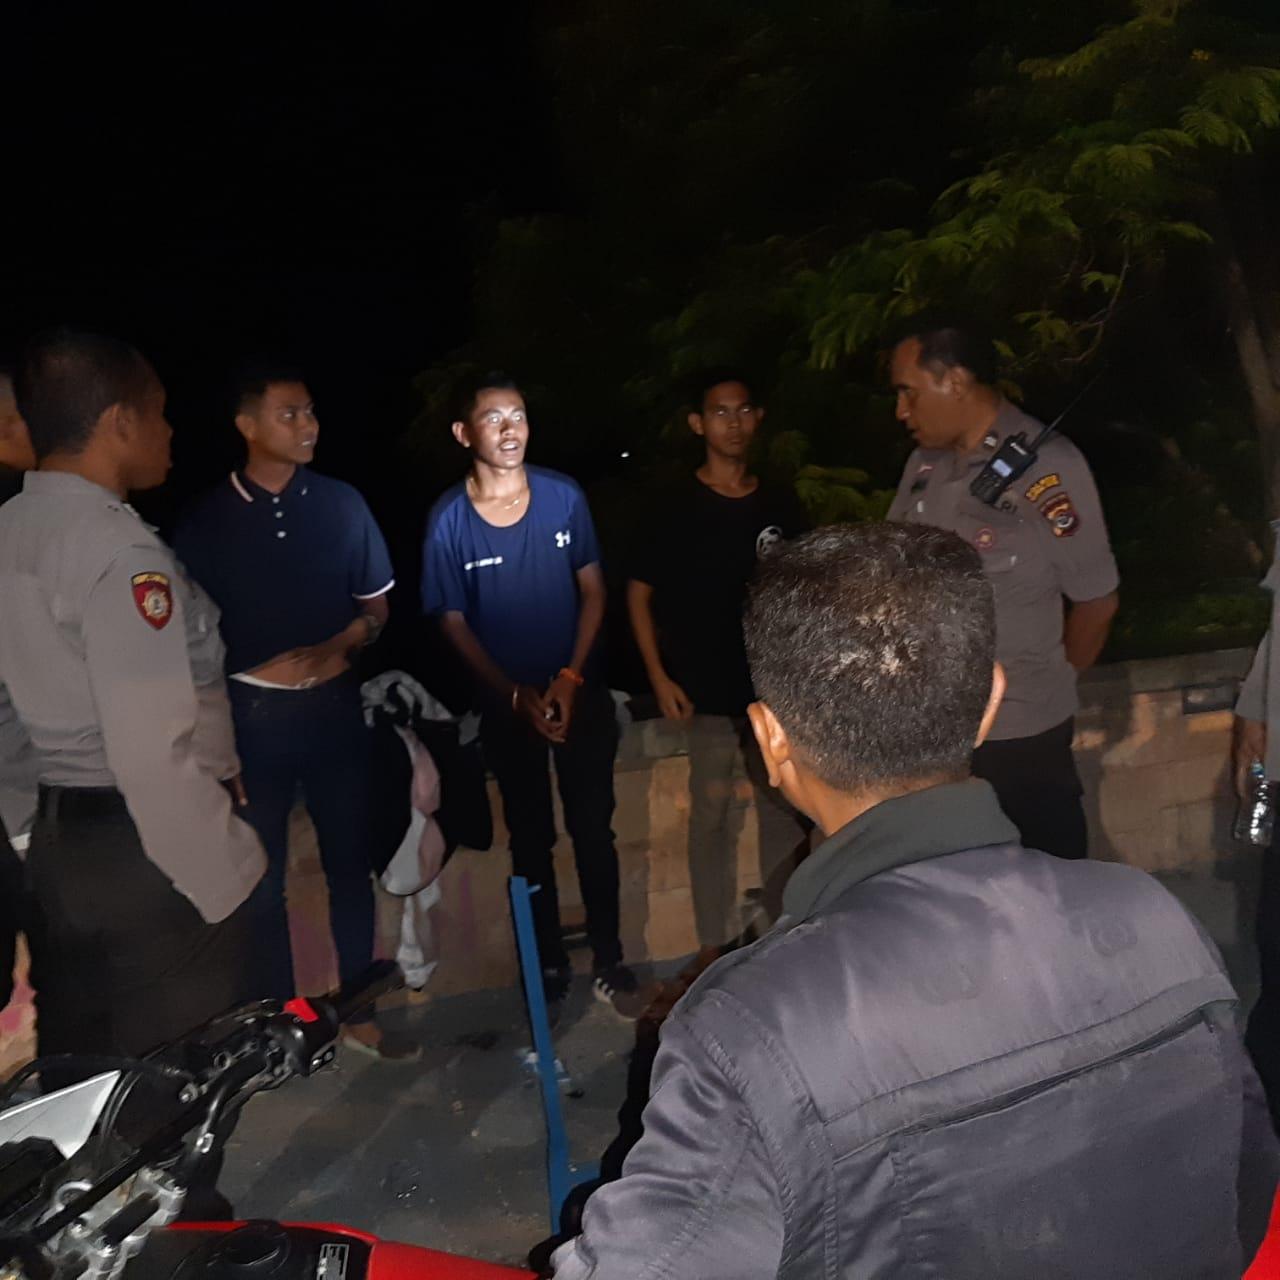 Patroli Malam, Satuan Sabhara Polres Kupang Kota Beri Pembinaan Bagi 3 Pemuda yang Konsumsi Miras